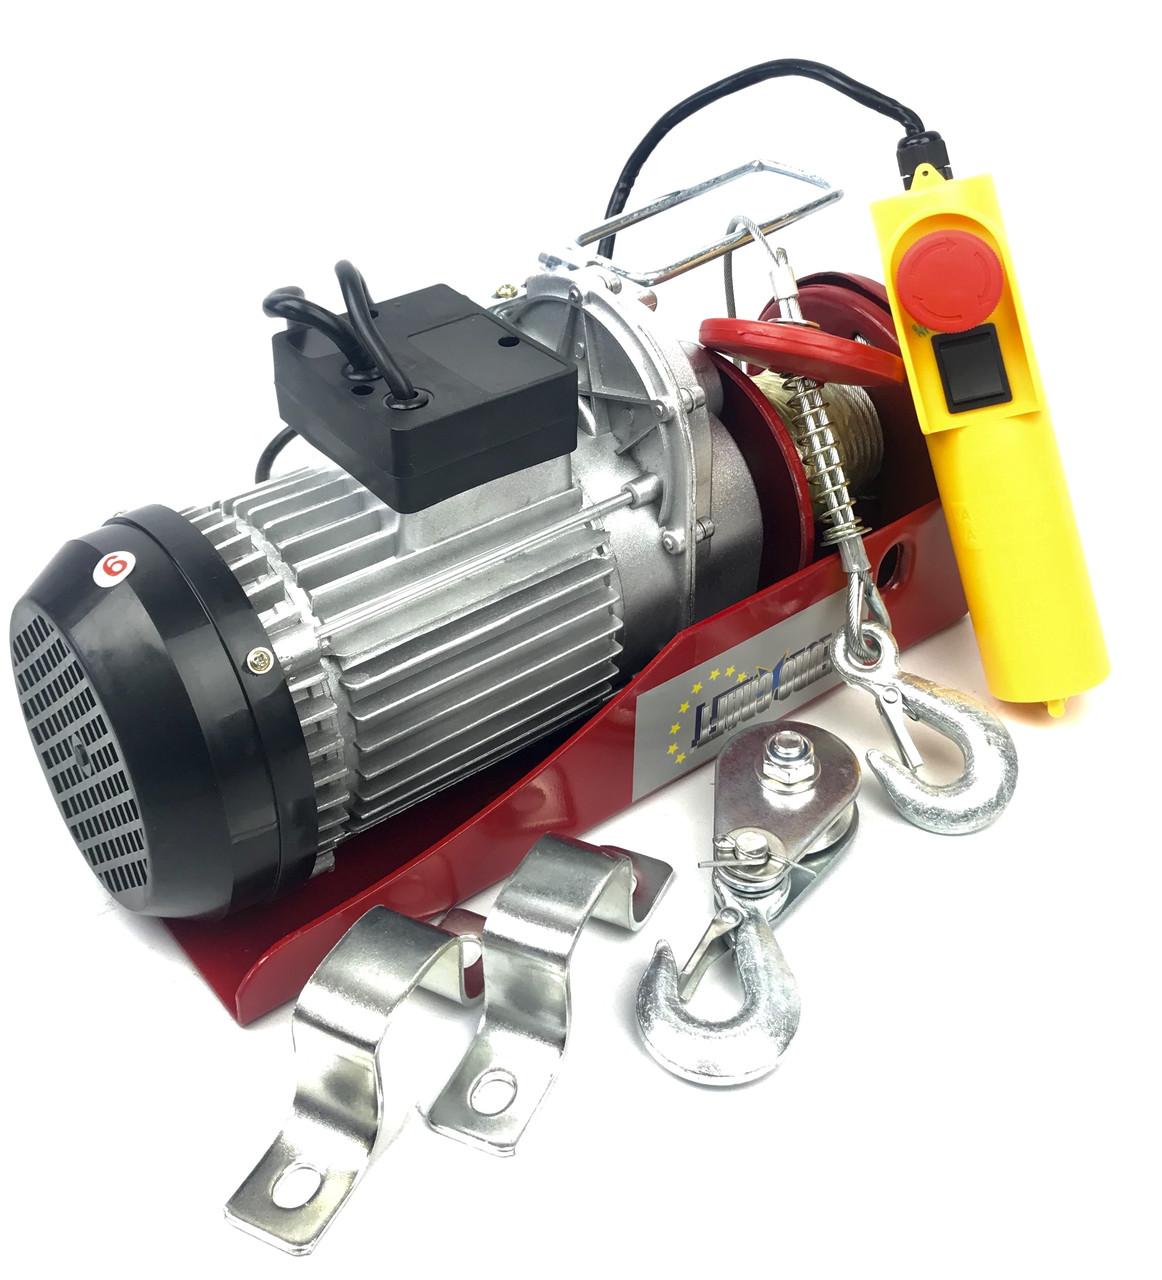 Электрический тельфер Euro Craft 250/500 кг (HJ203)